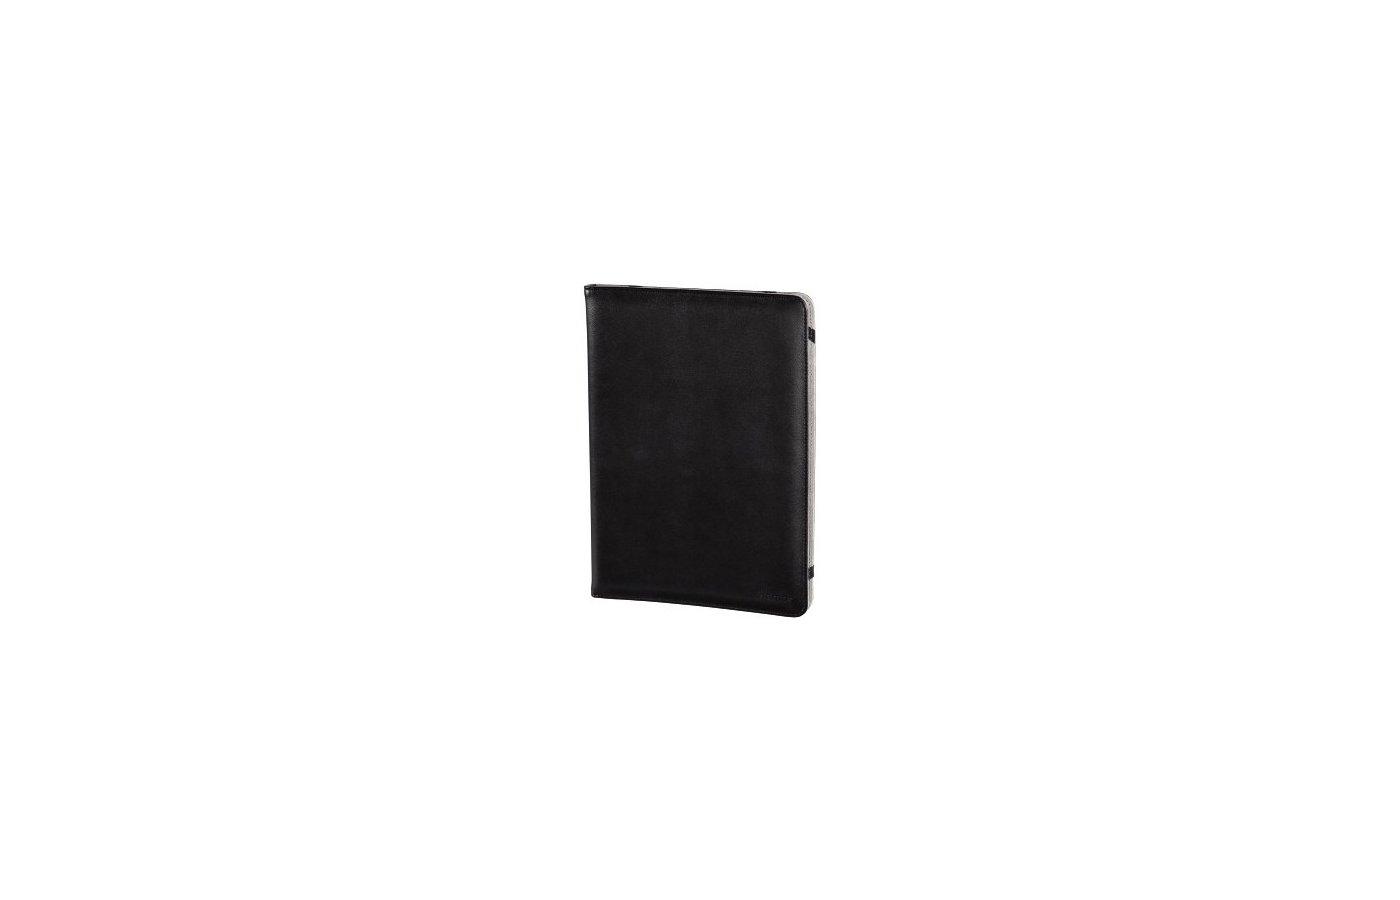 """Чехол для планшетного ПК Hama для планшета 10.1"""" Piscine искусственная кожа черный (00108272)"""